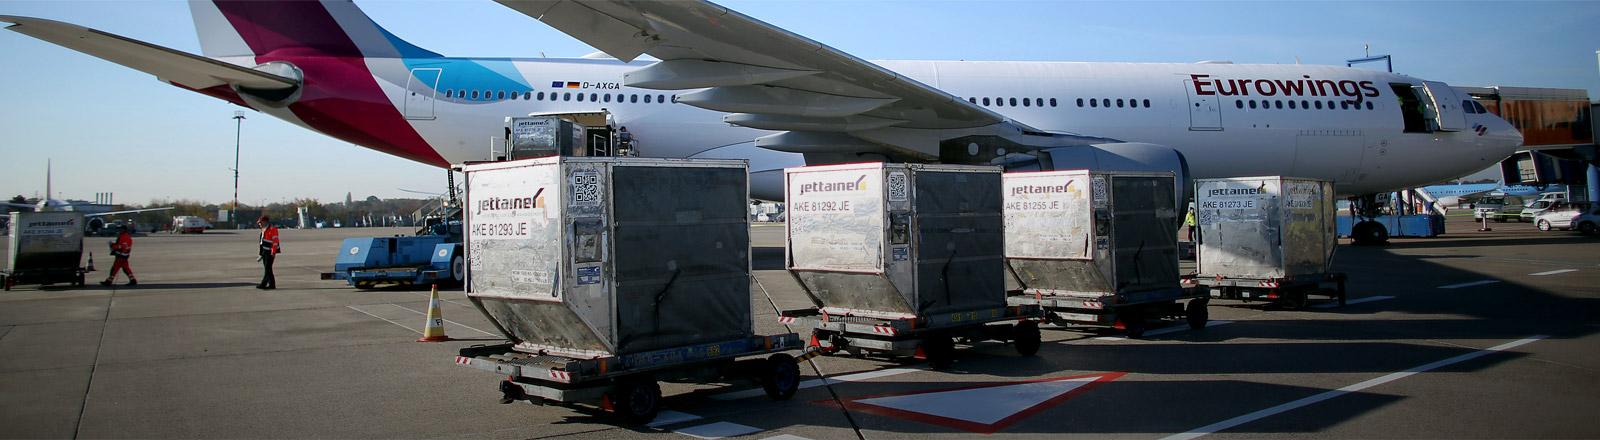 Vor einem Eurowings-Flugzeug stehen Container mit Fracht.